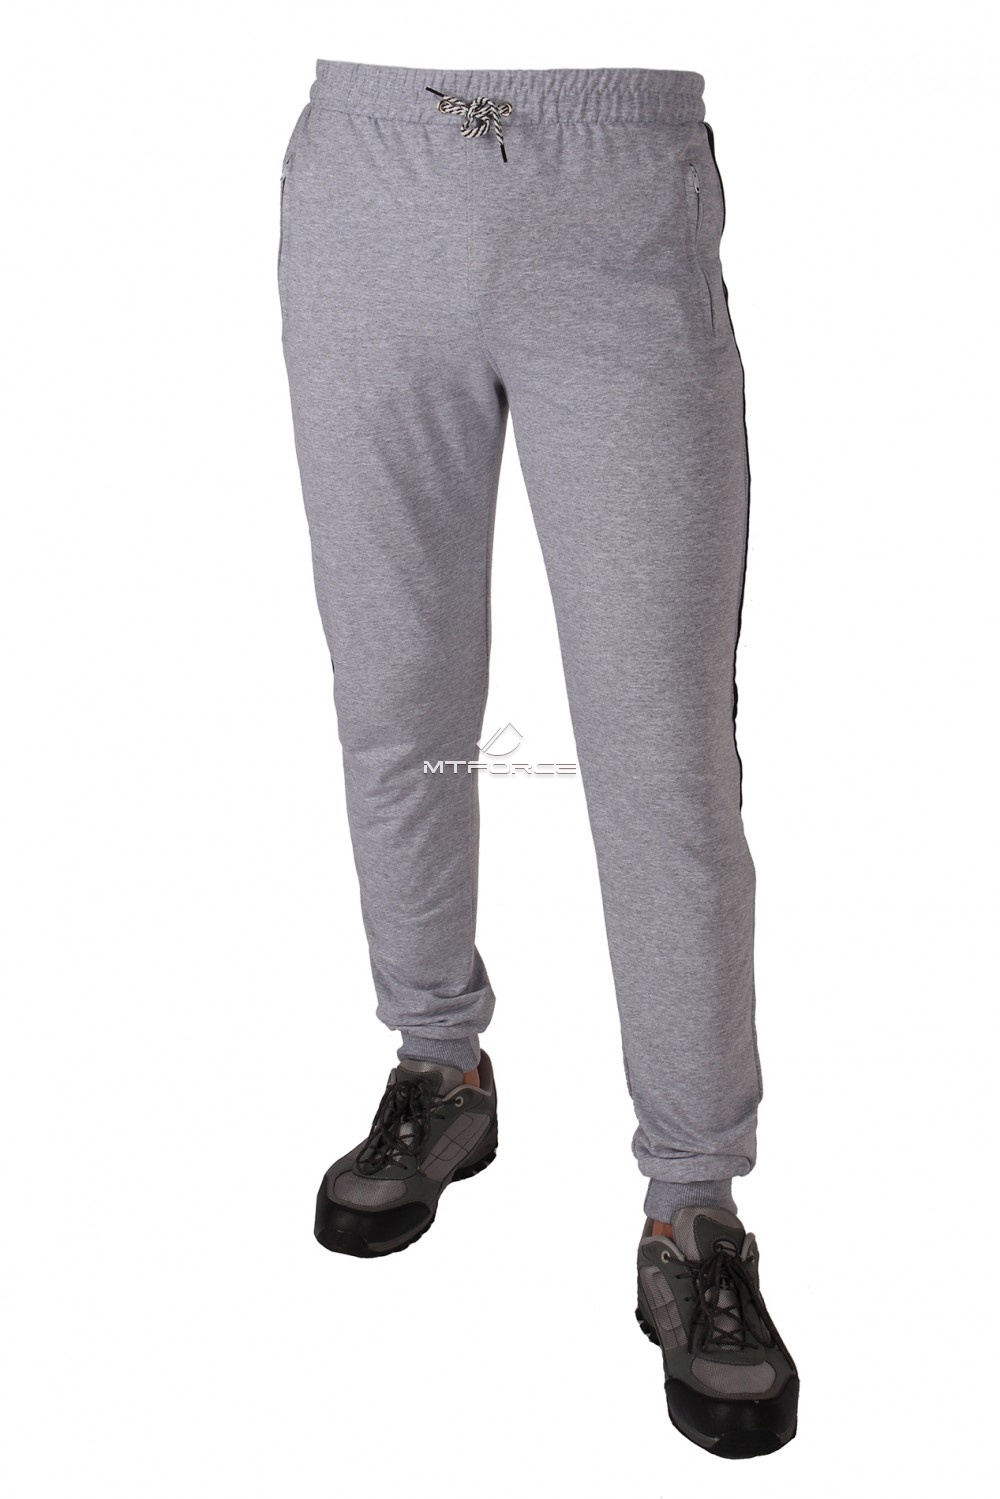 Купить                                  оптом Брюки трикотажные мужские серого цвета 1073Sr